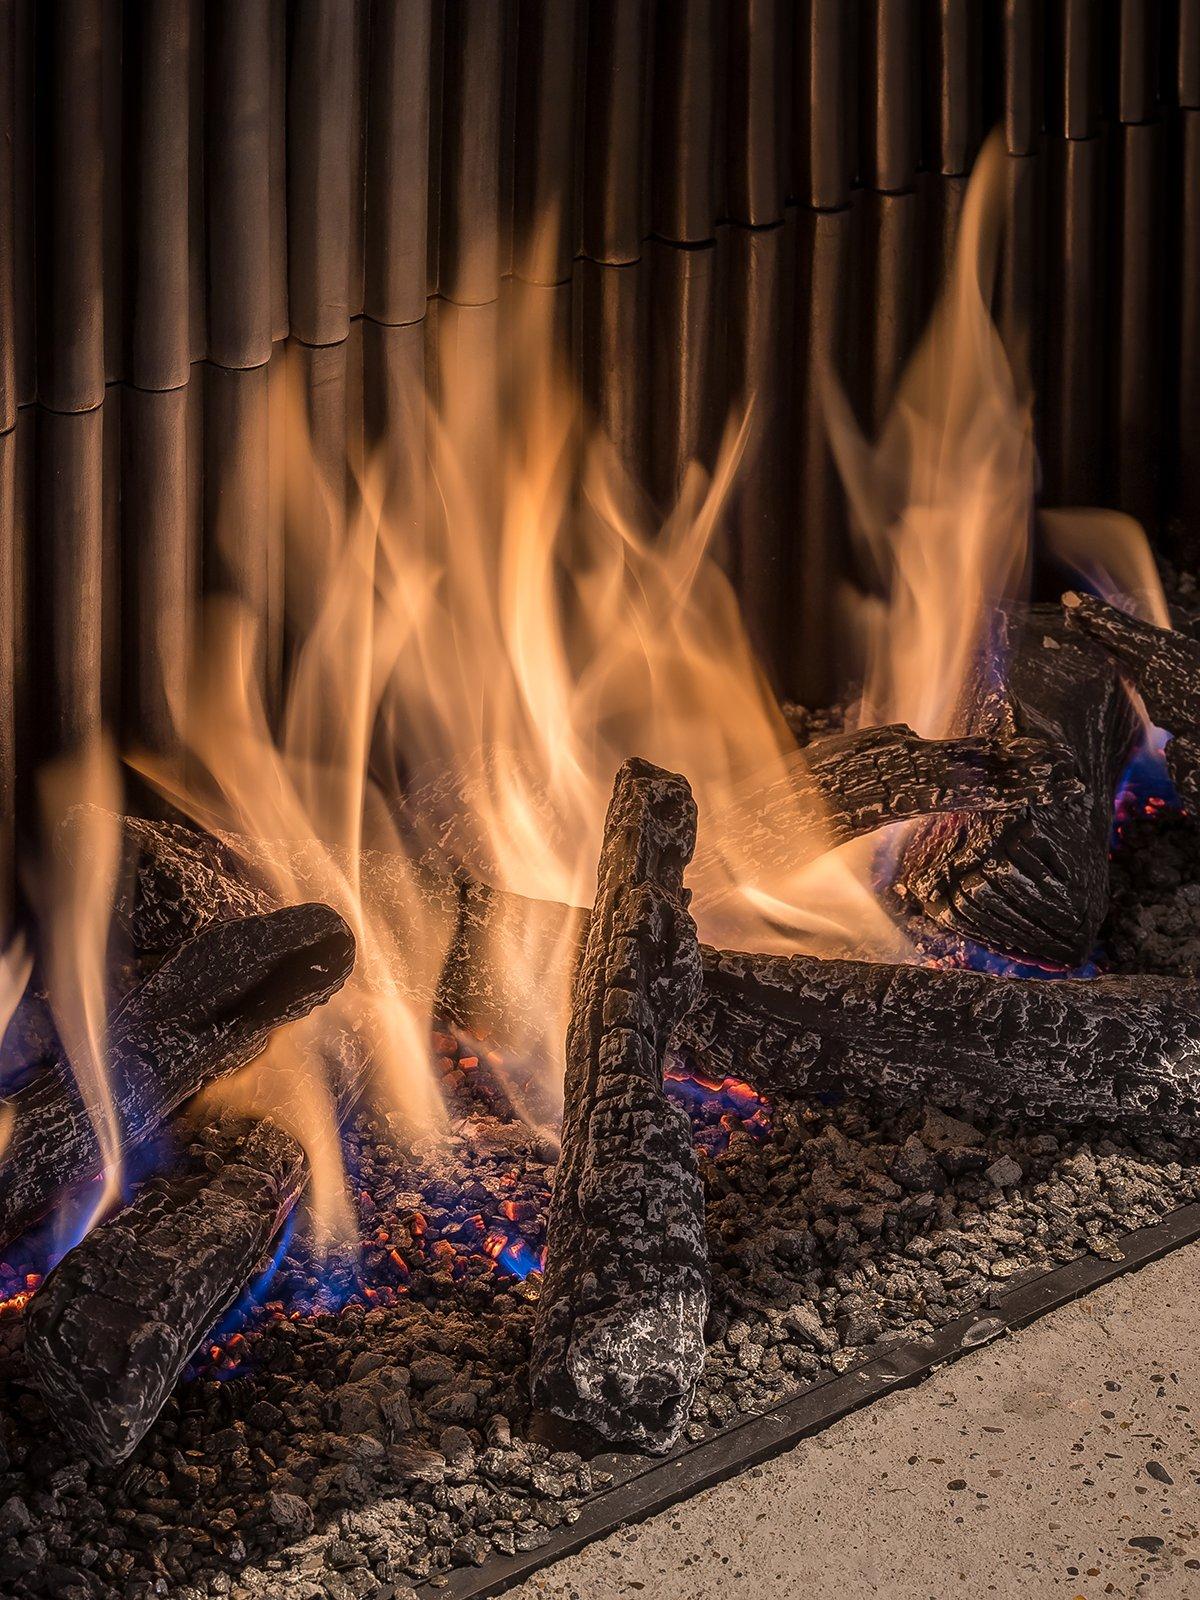 Exclusieve gashaarden, gashaarden, Metalfire